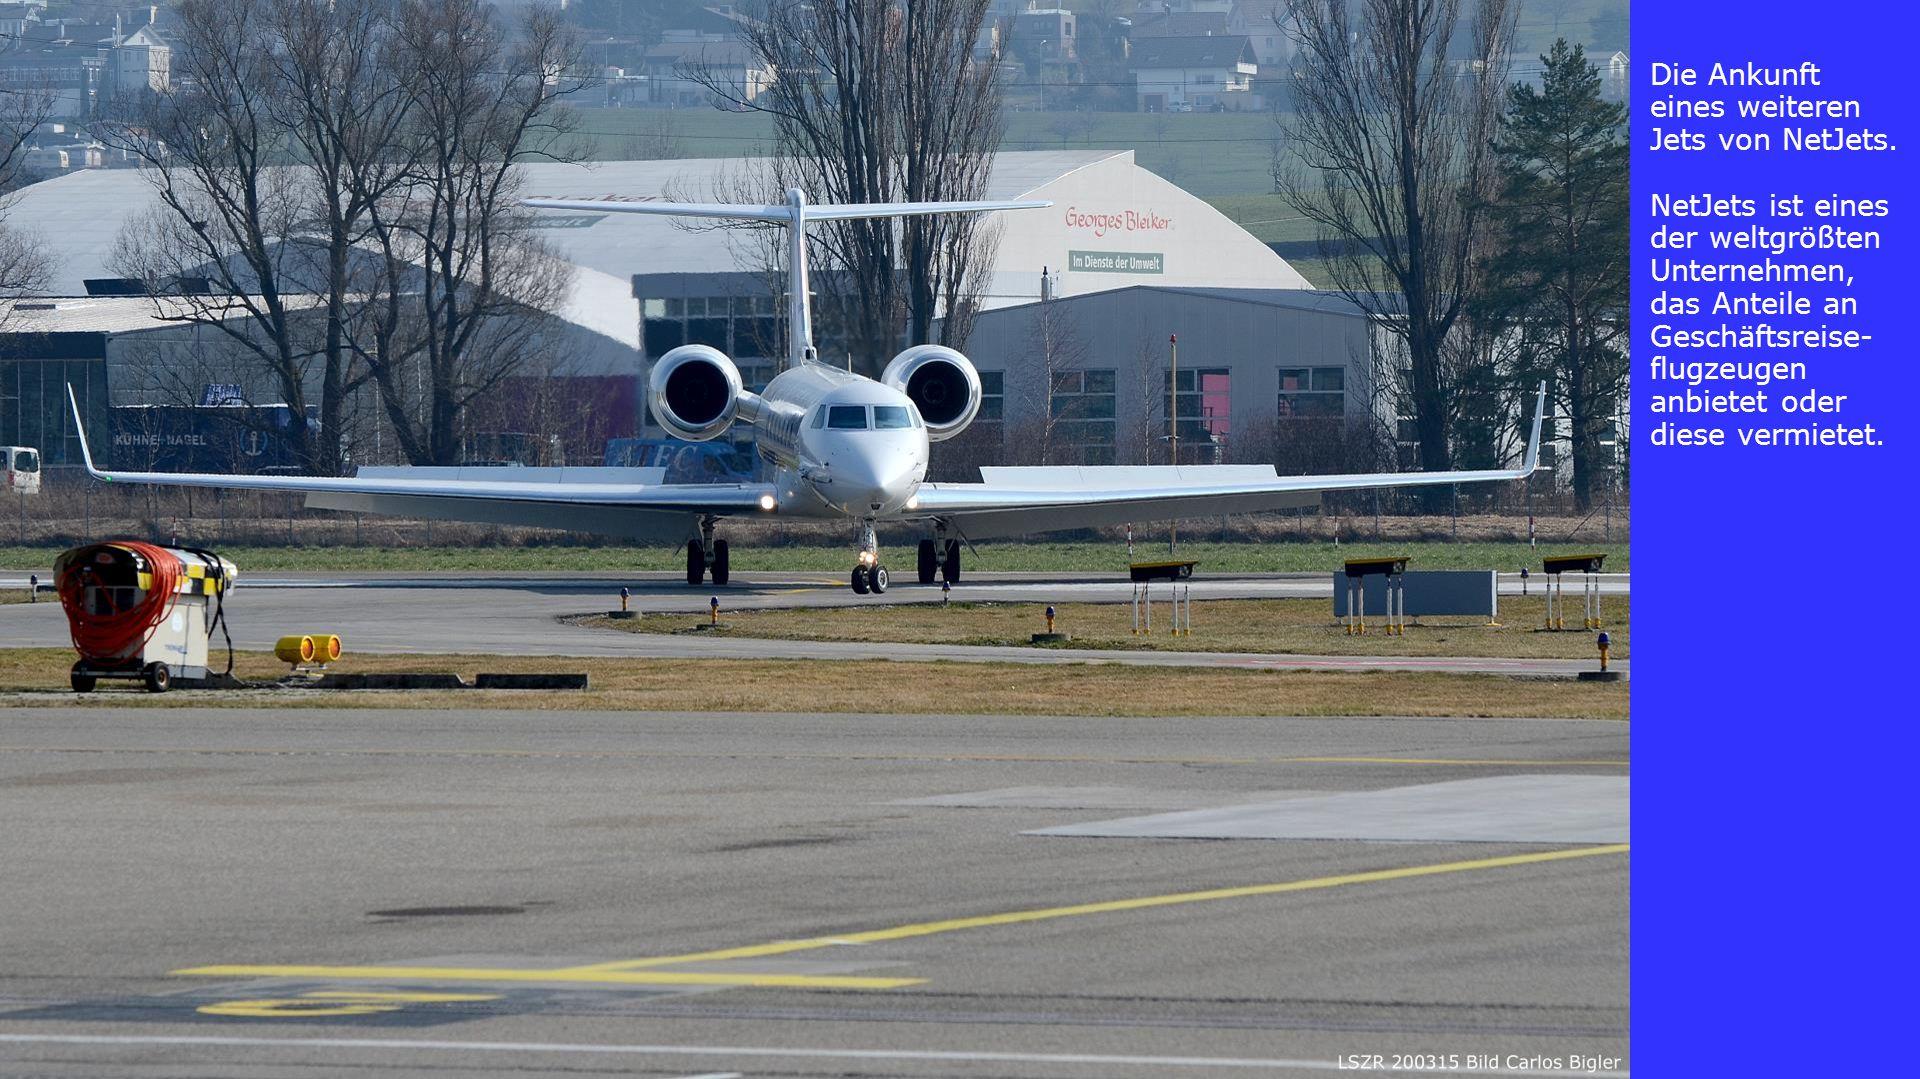 Die Ankunft eines weiteren Jets von NetJets.